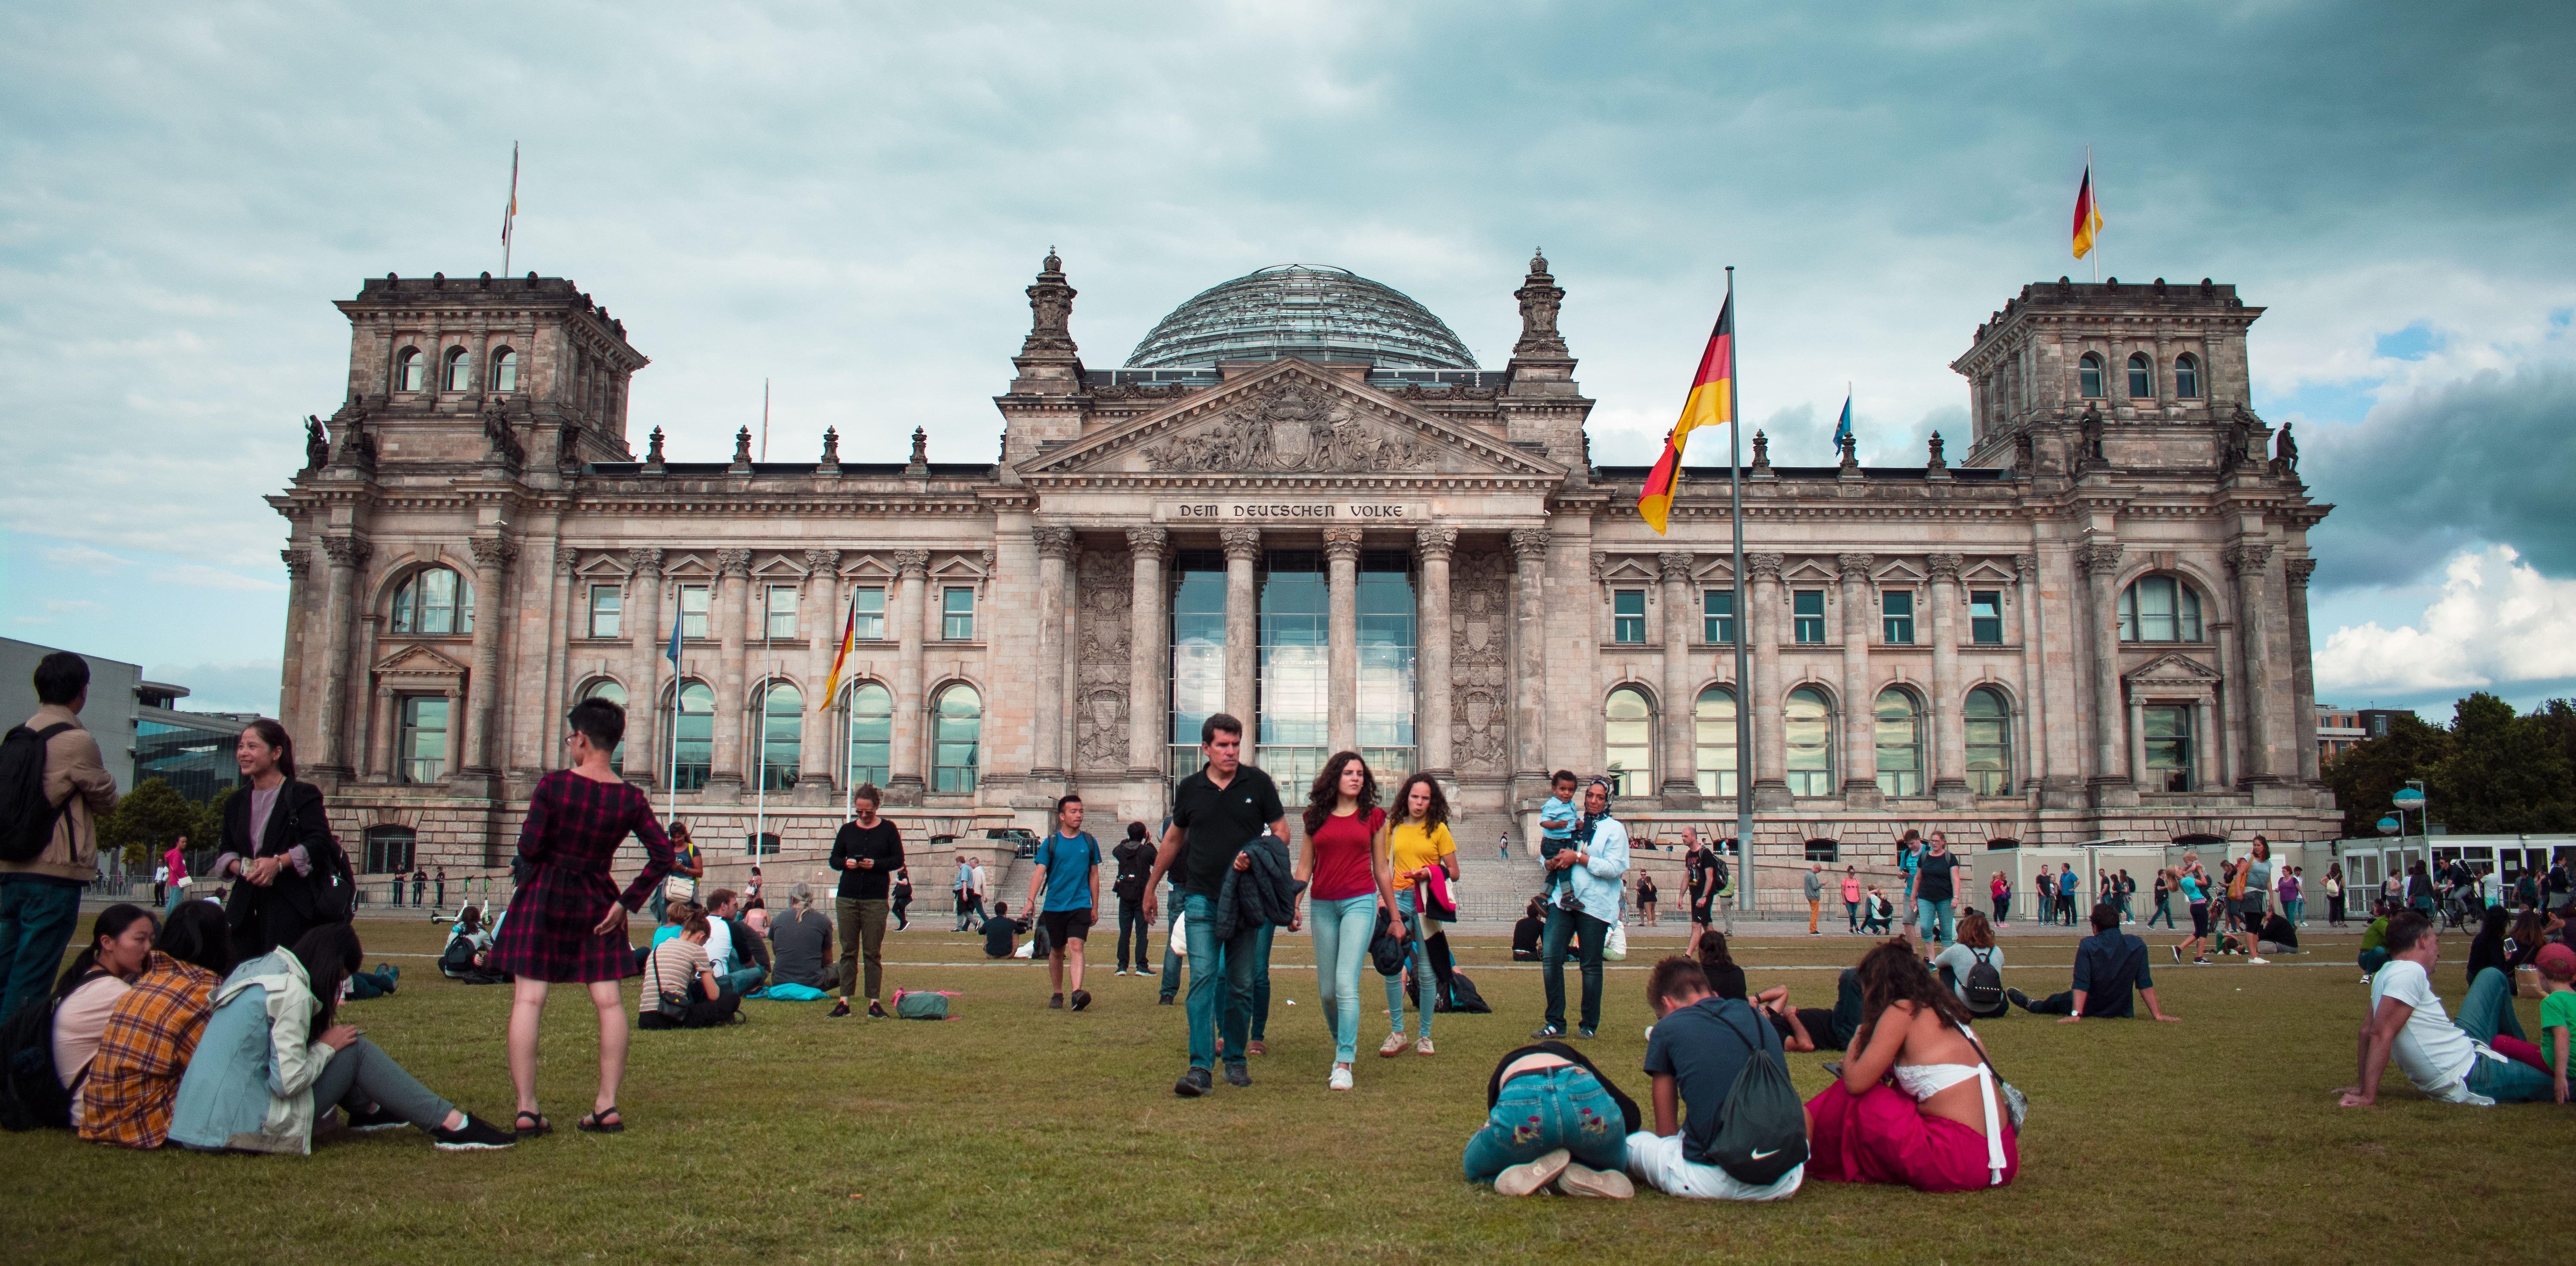 Morar na Alemanha: hábitos e expressões